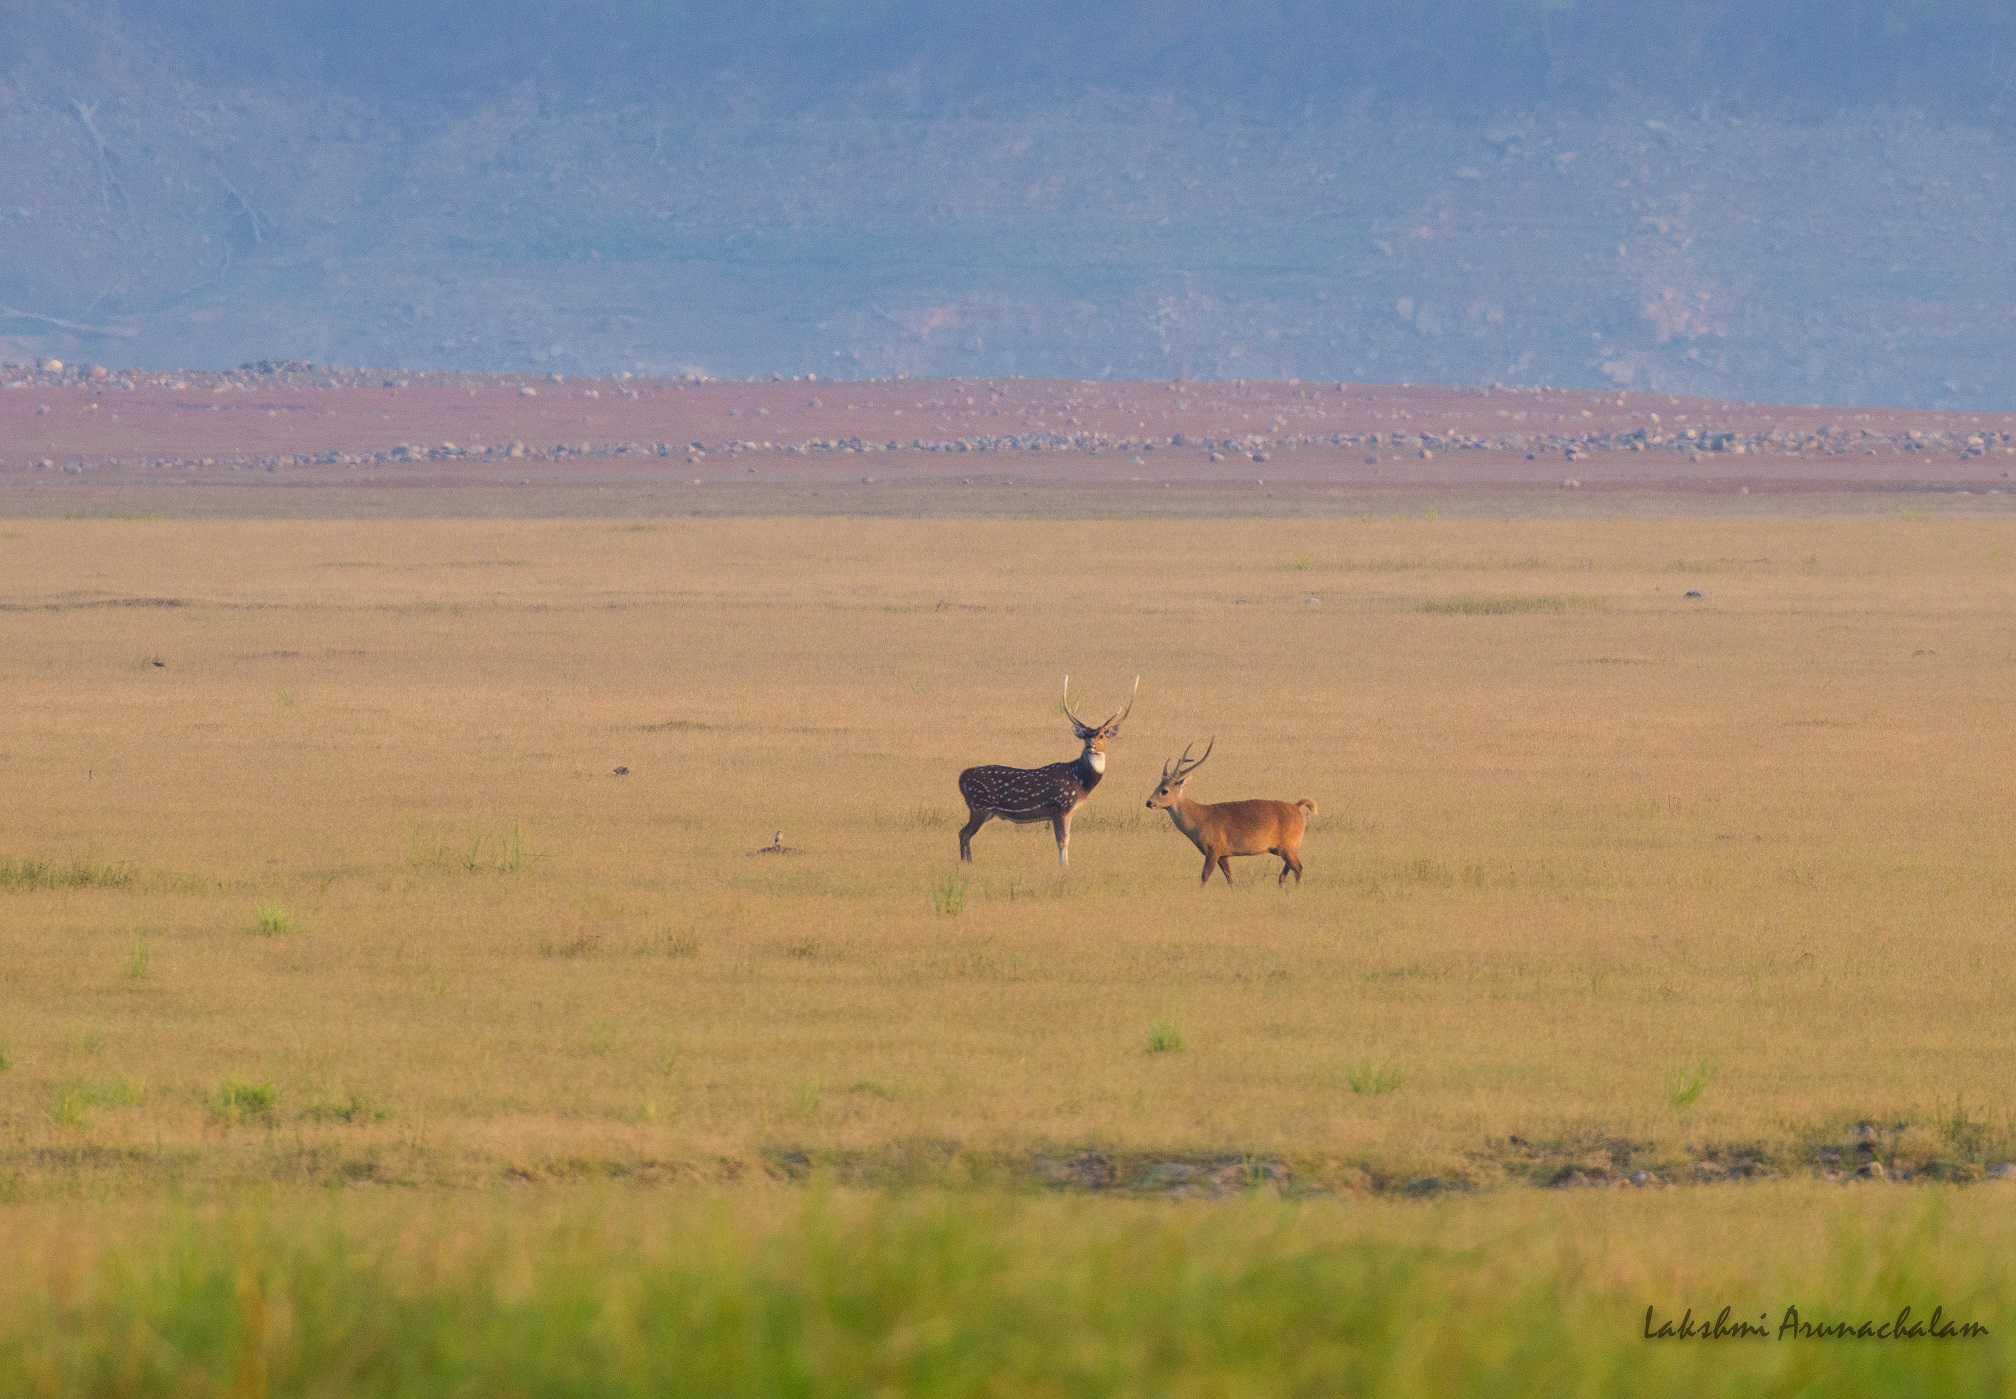 Deer-scape, Dhikala grasslands